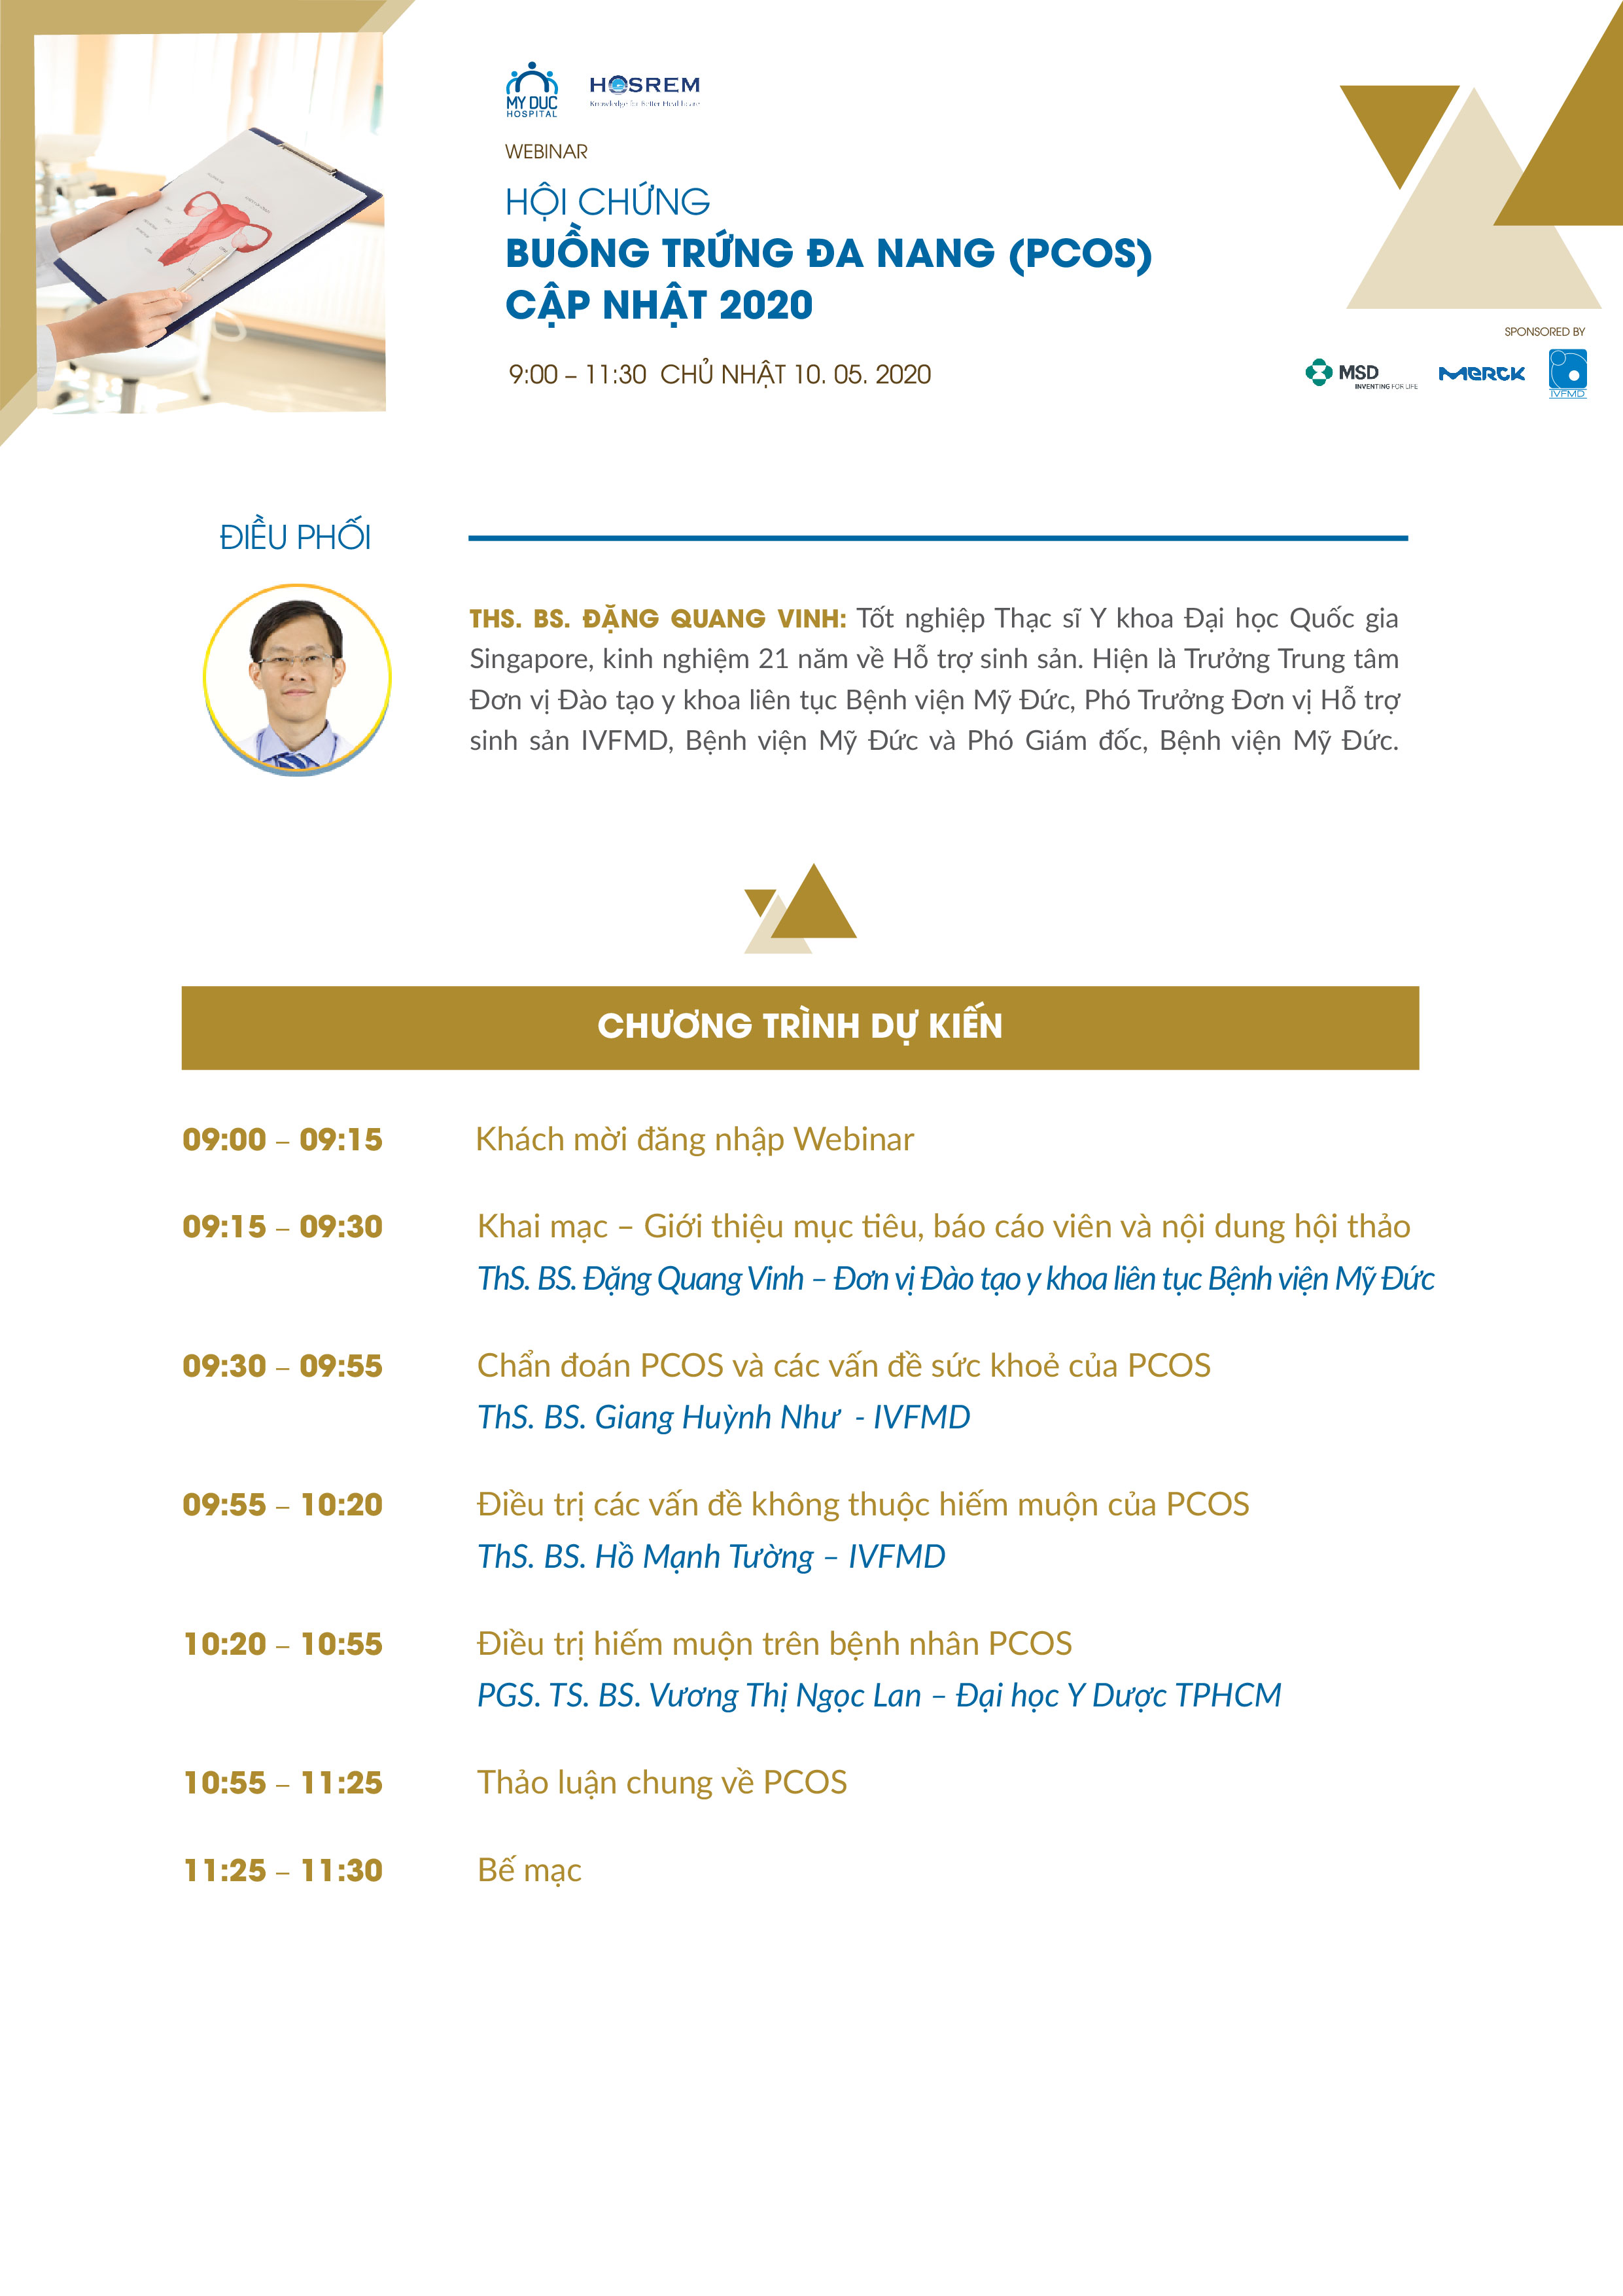 Webinar PCOS - Thông tin chương trình-02